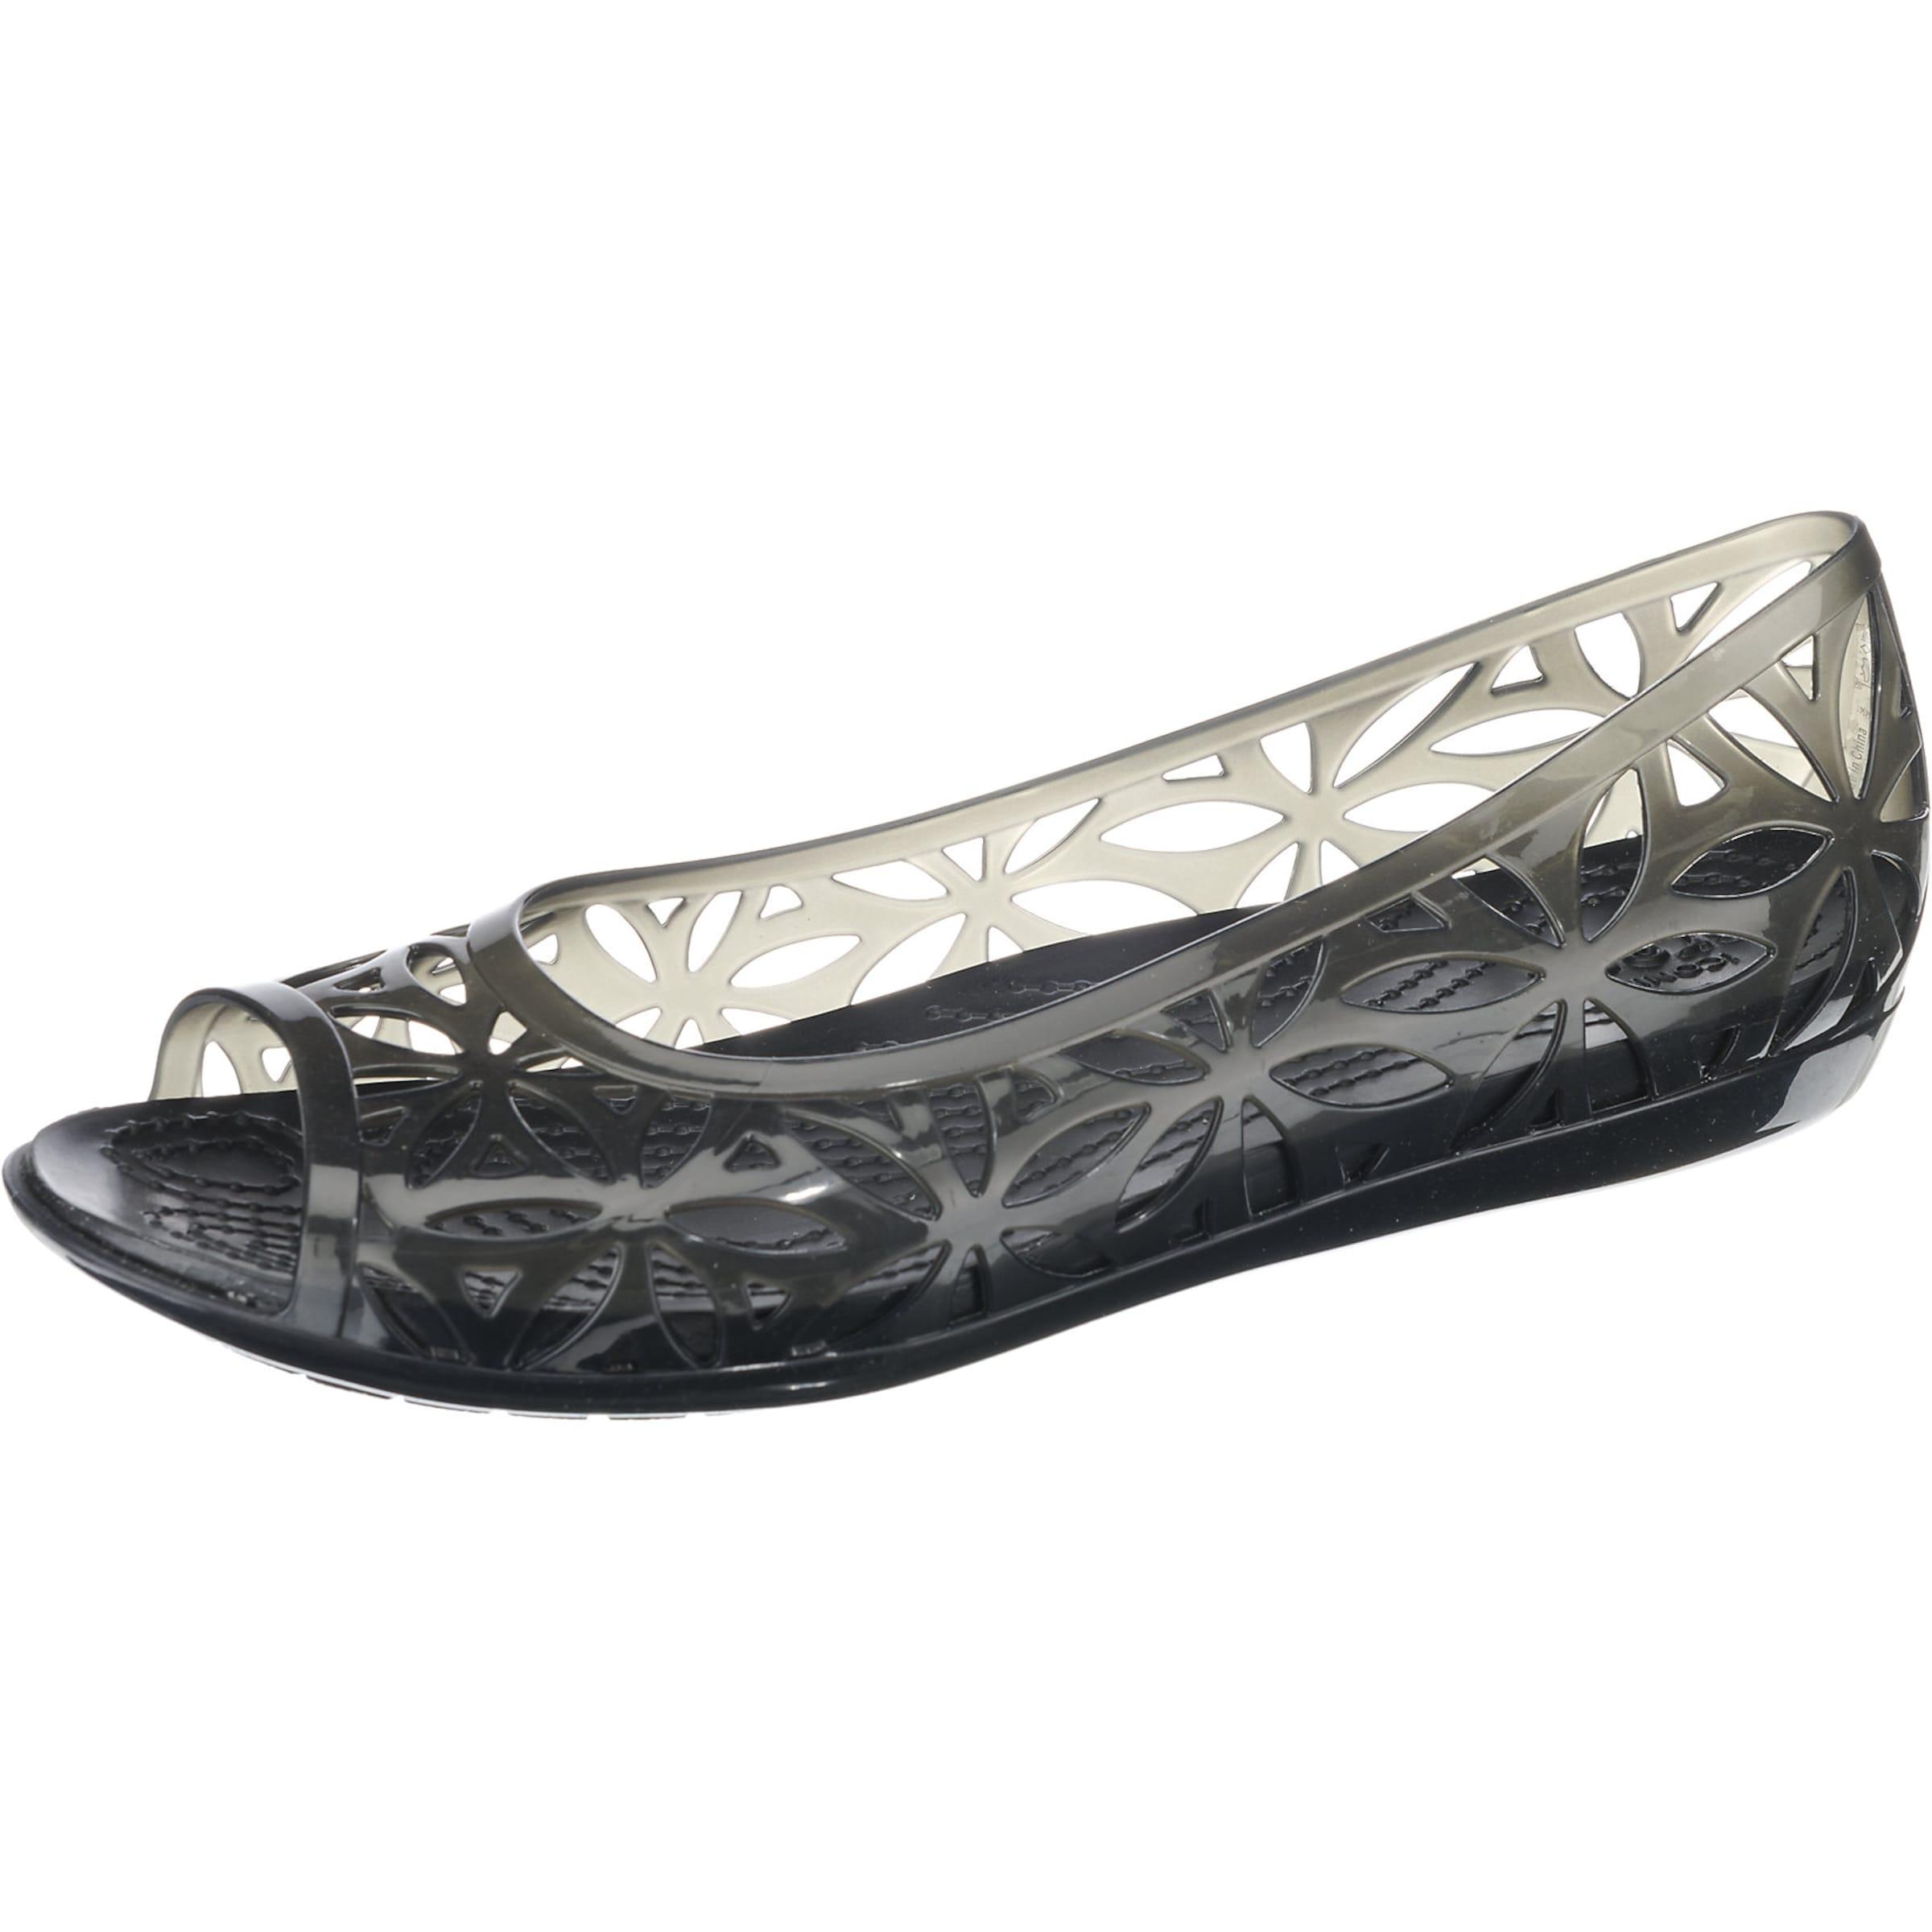 Kaufen Neueste Crocs Isabella Jelly II Flat W Komfort-Ballerinas Professionelle Online Beste Günstig Online Spielraum Top-Qualität Begrenzt wWcOxh